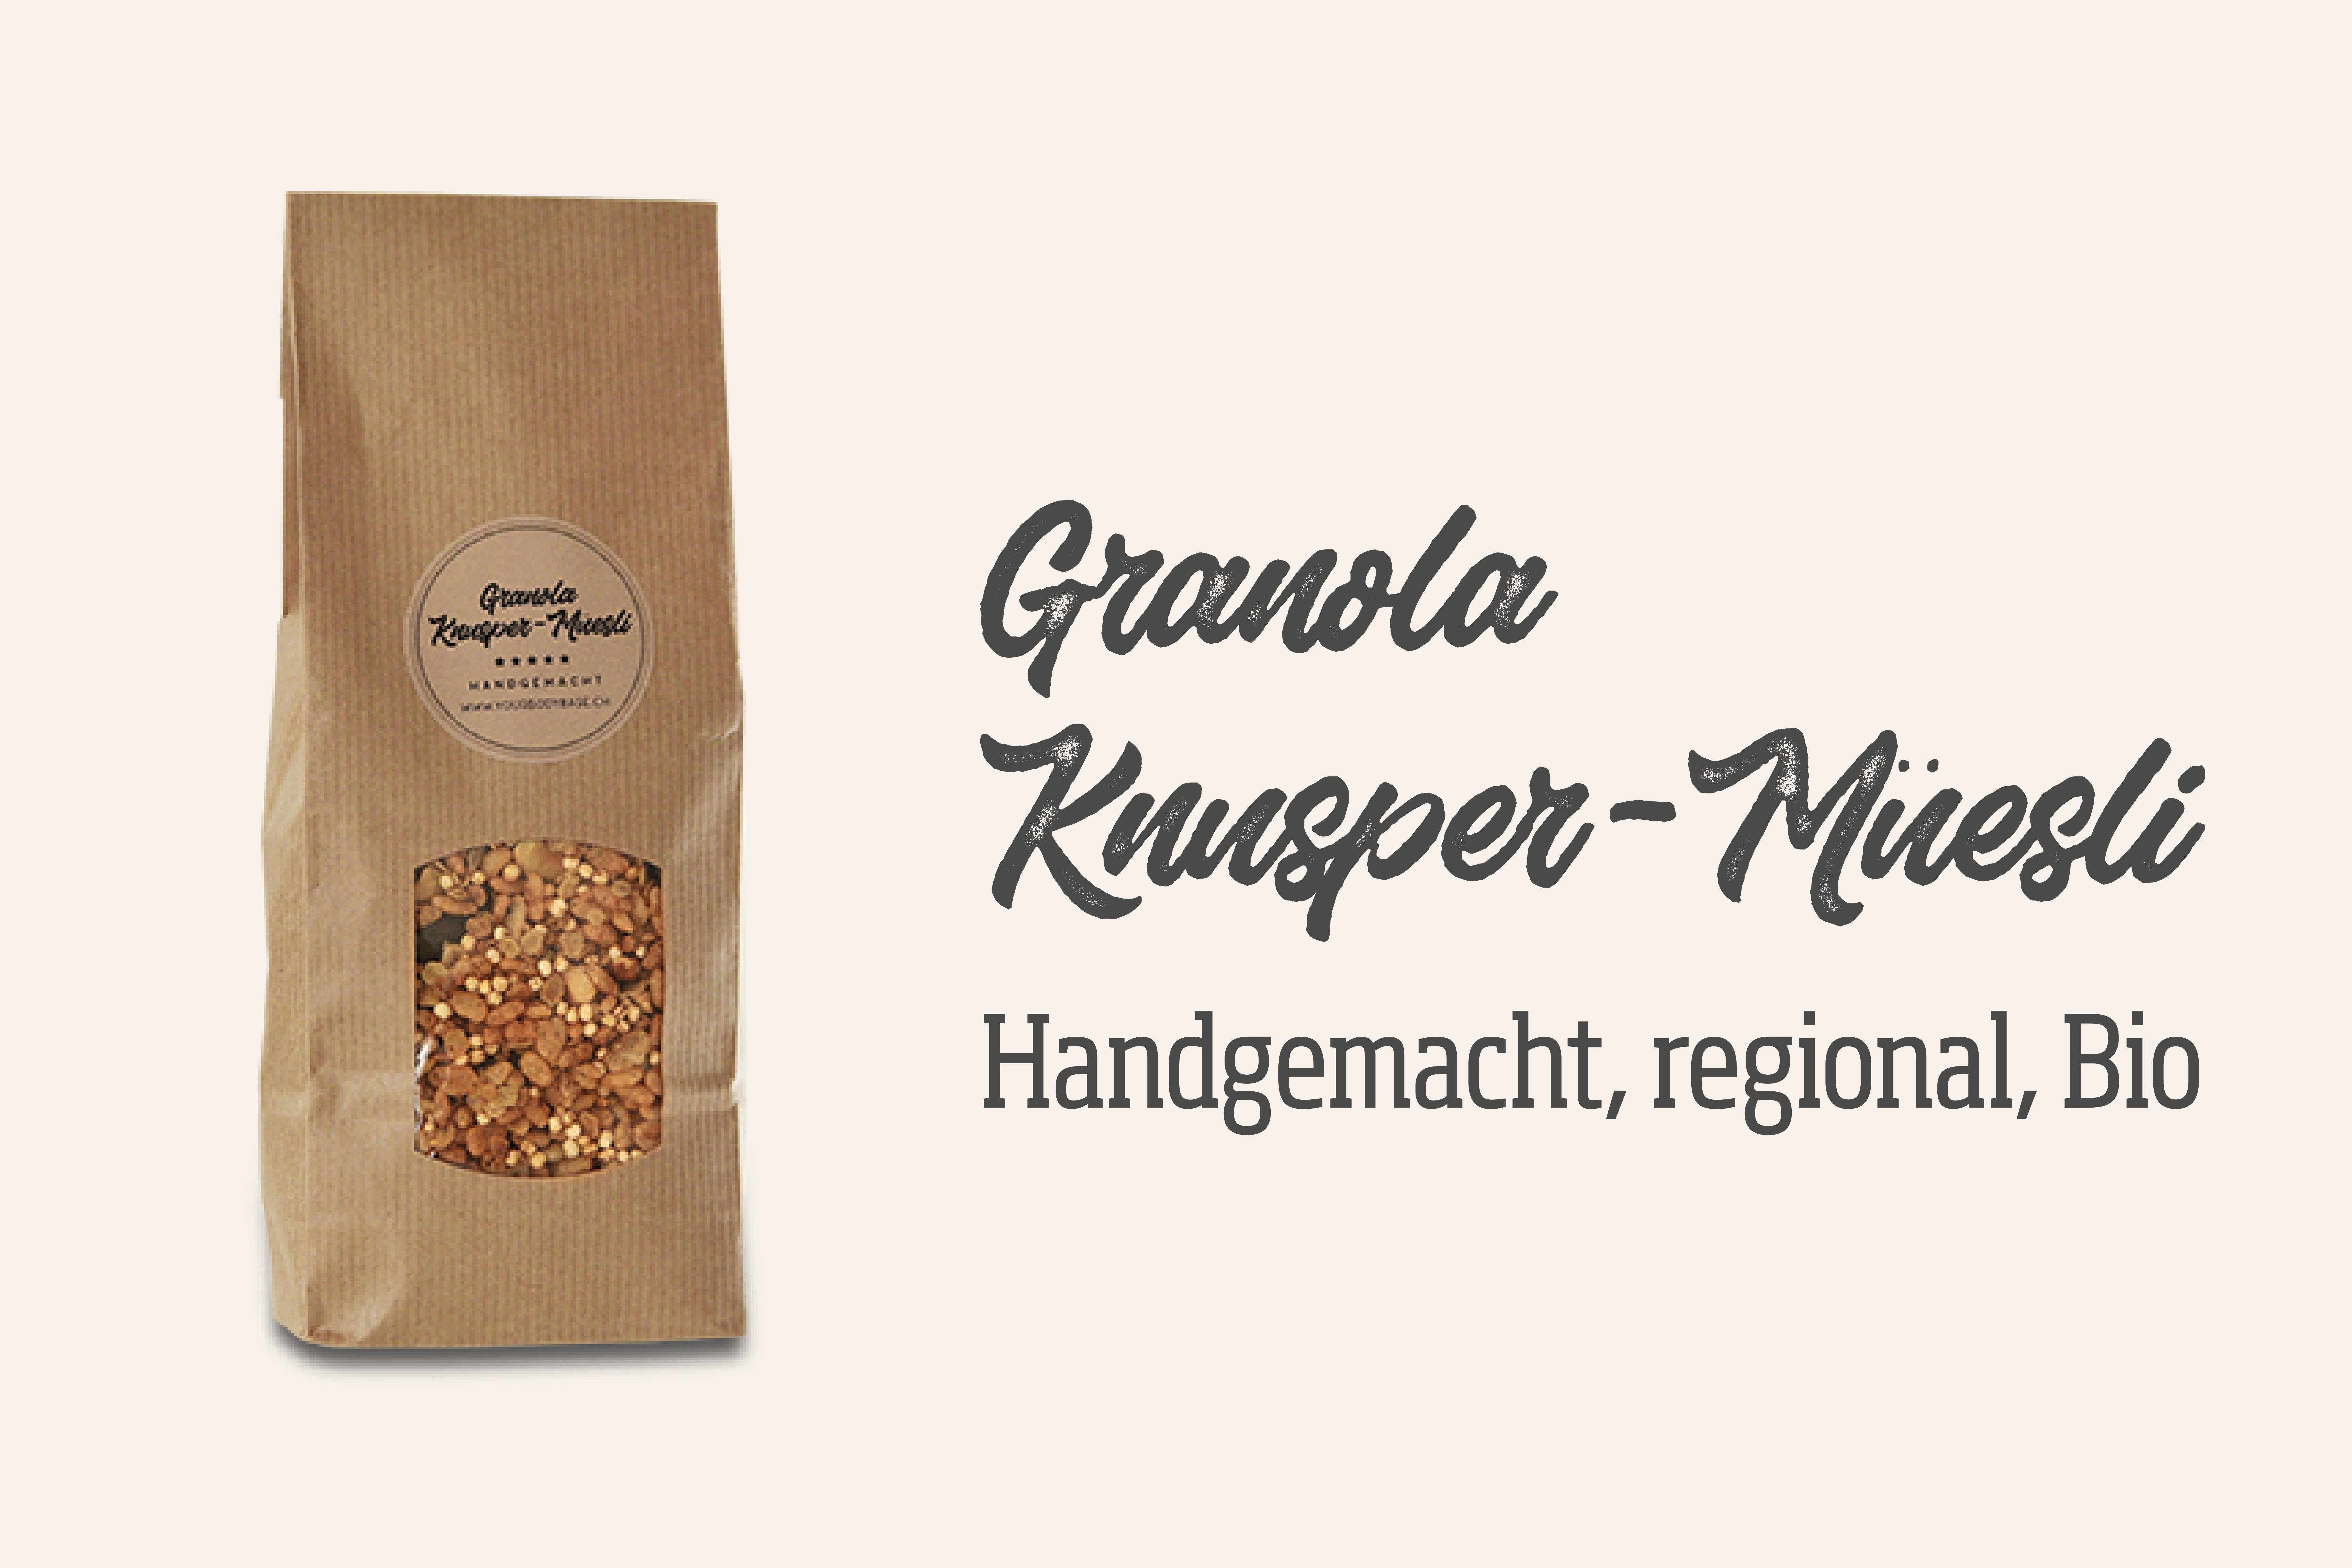 Granola Knusper-Müesli - yourbodybase